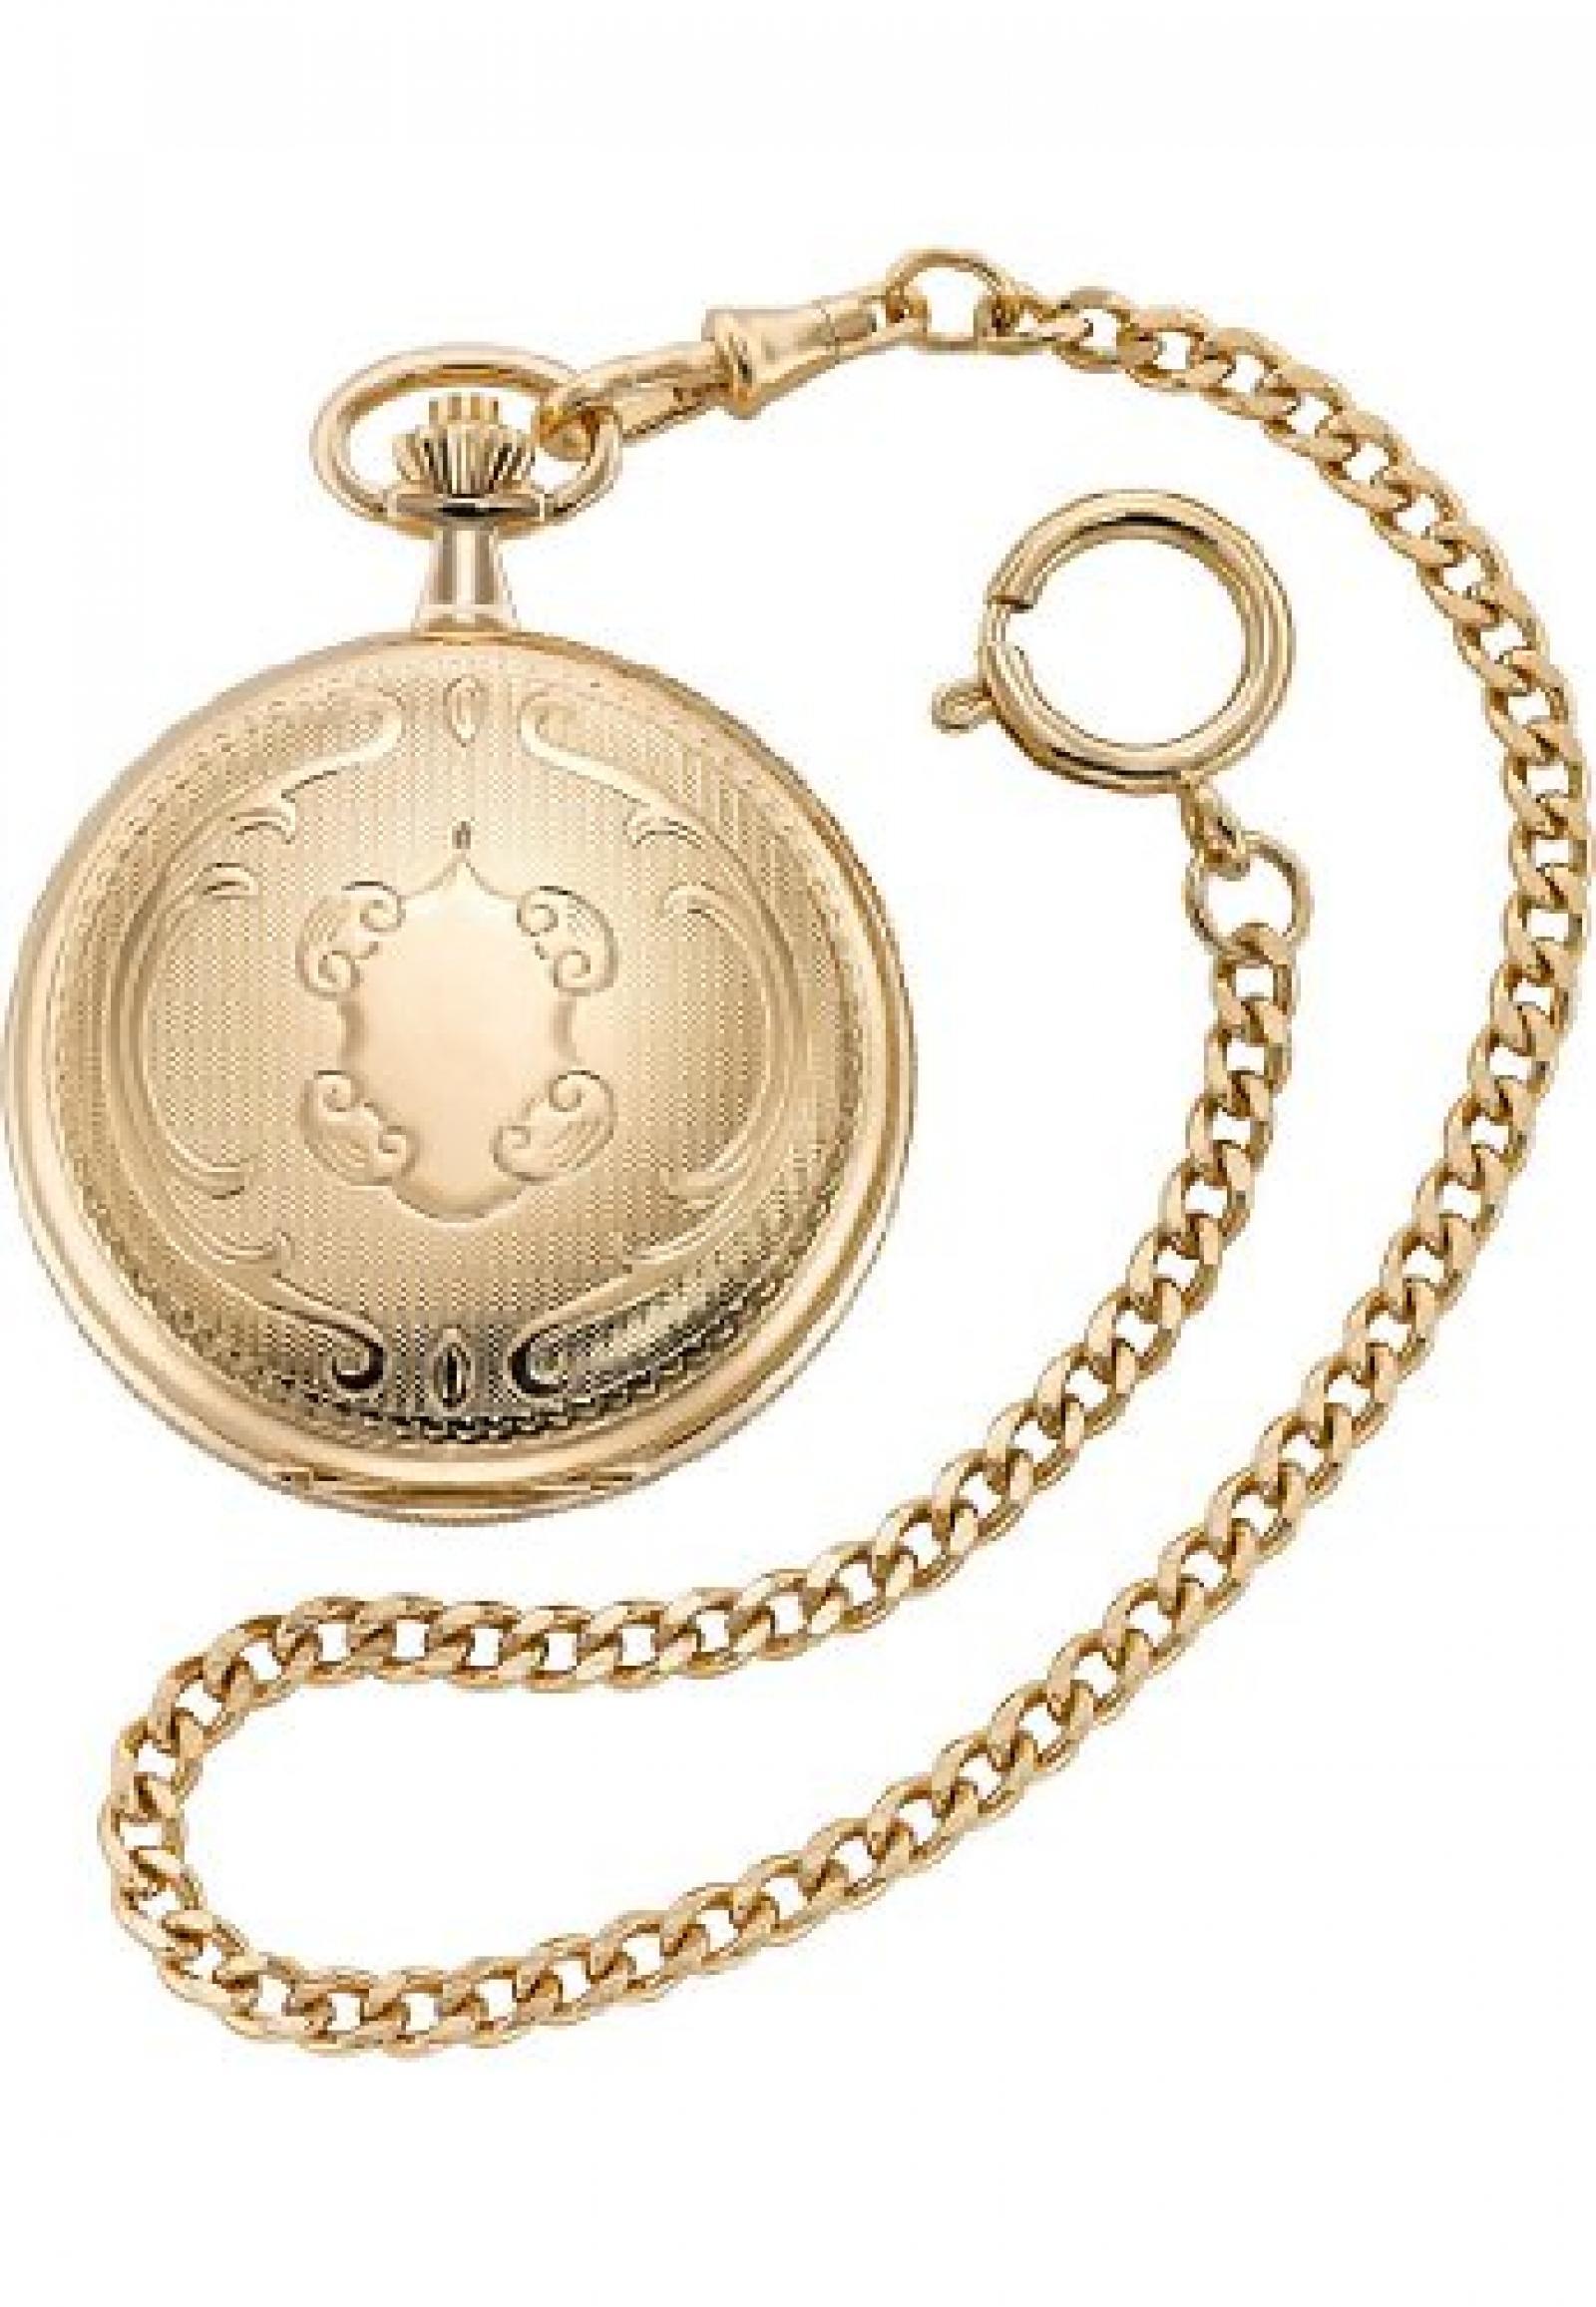 CHRIST times Unisex-Taschenuhr Taschenuhr Analog Mechanisch One Size, weiß, gold/weiß